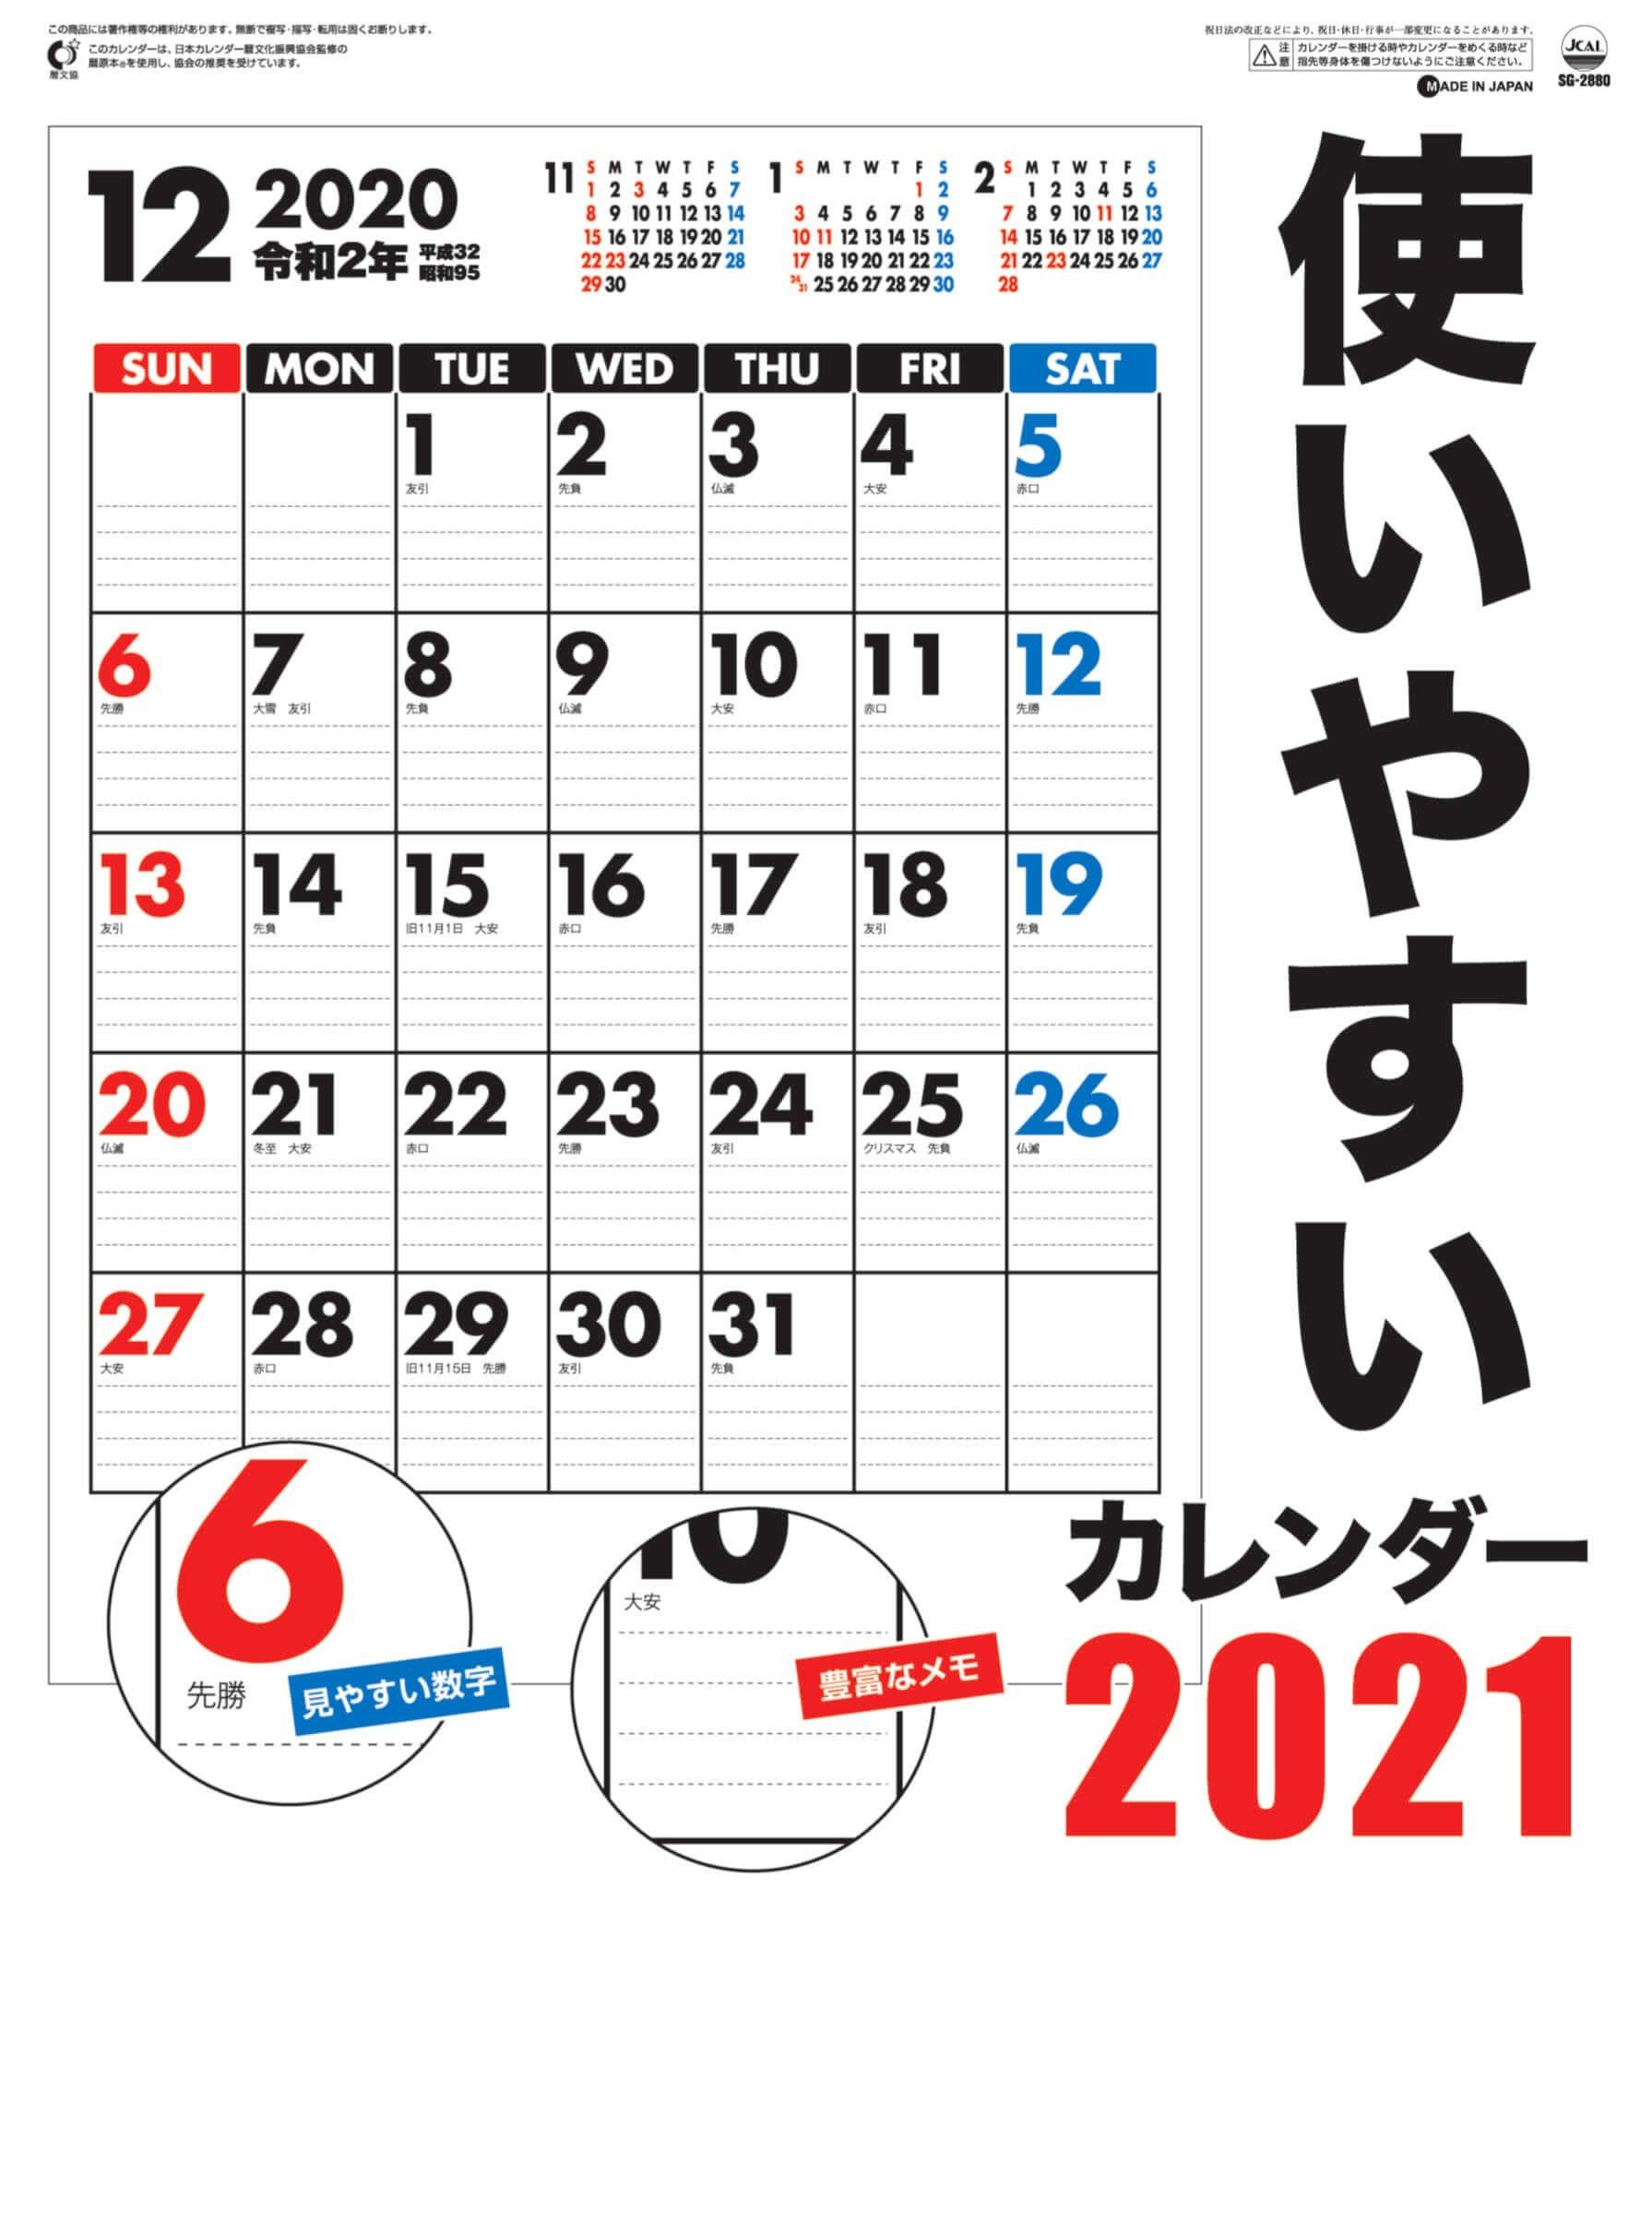 【100画像】 2021 年 カレンダー 無料